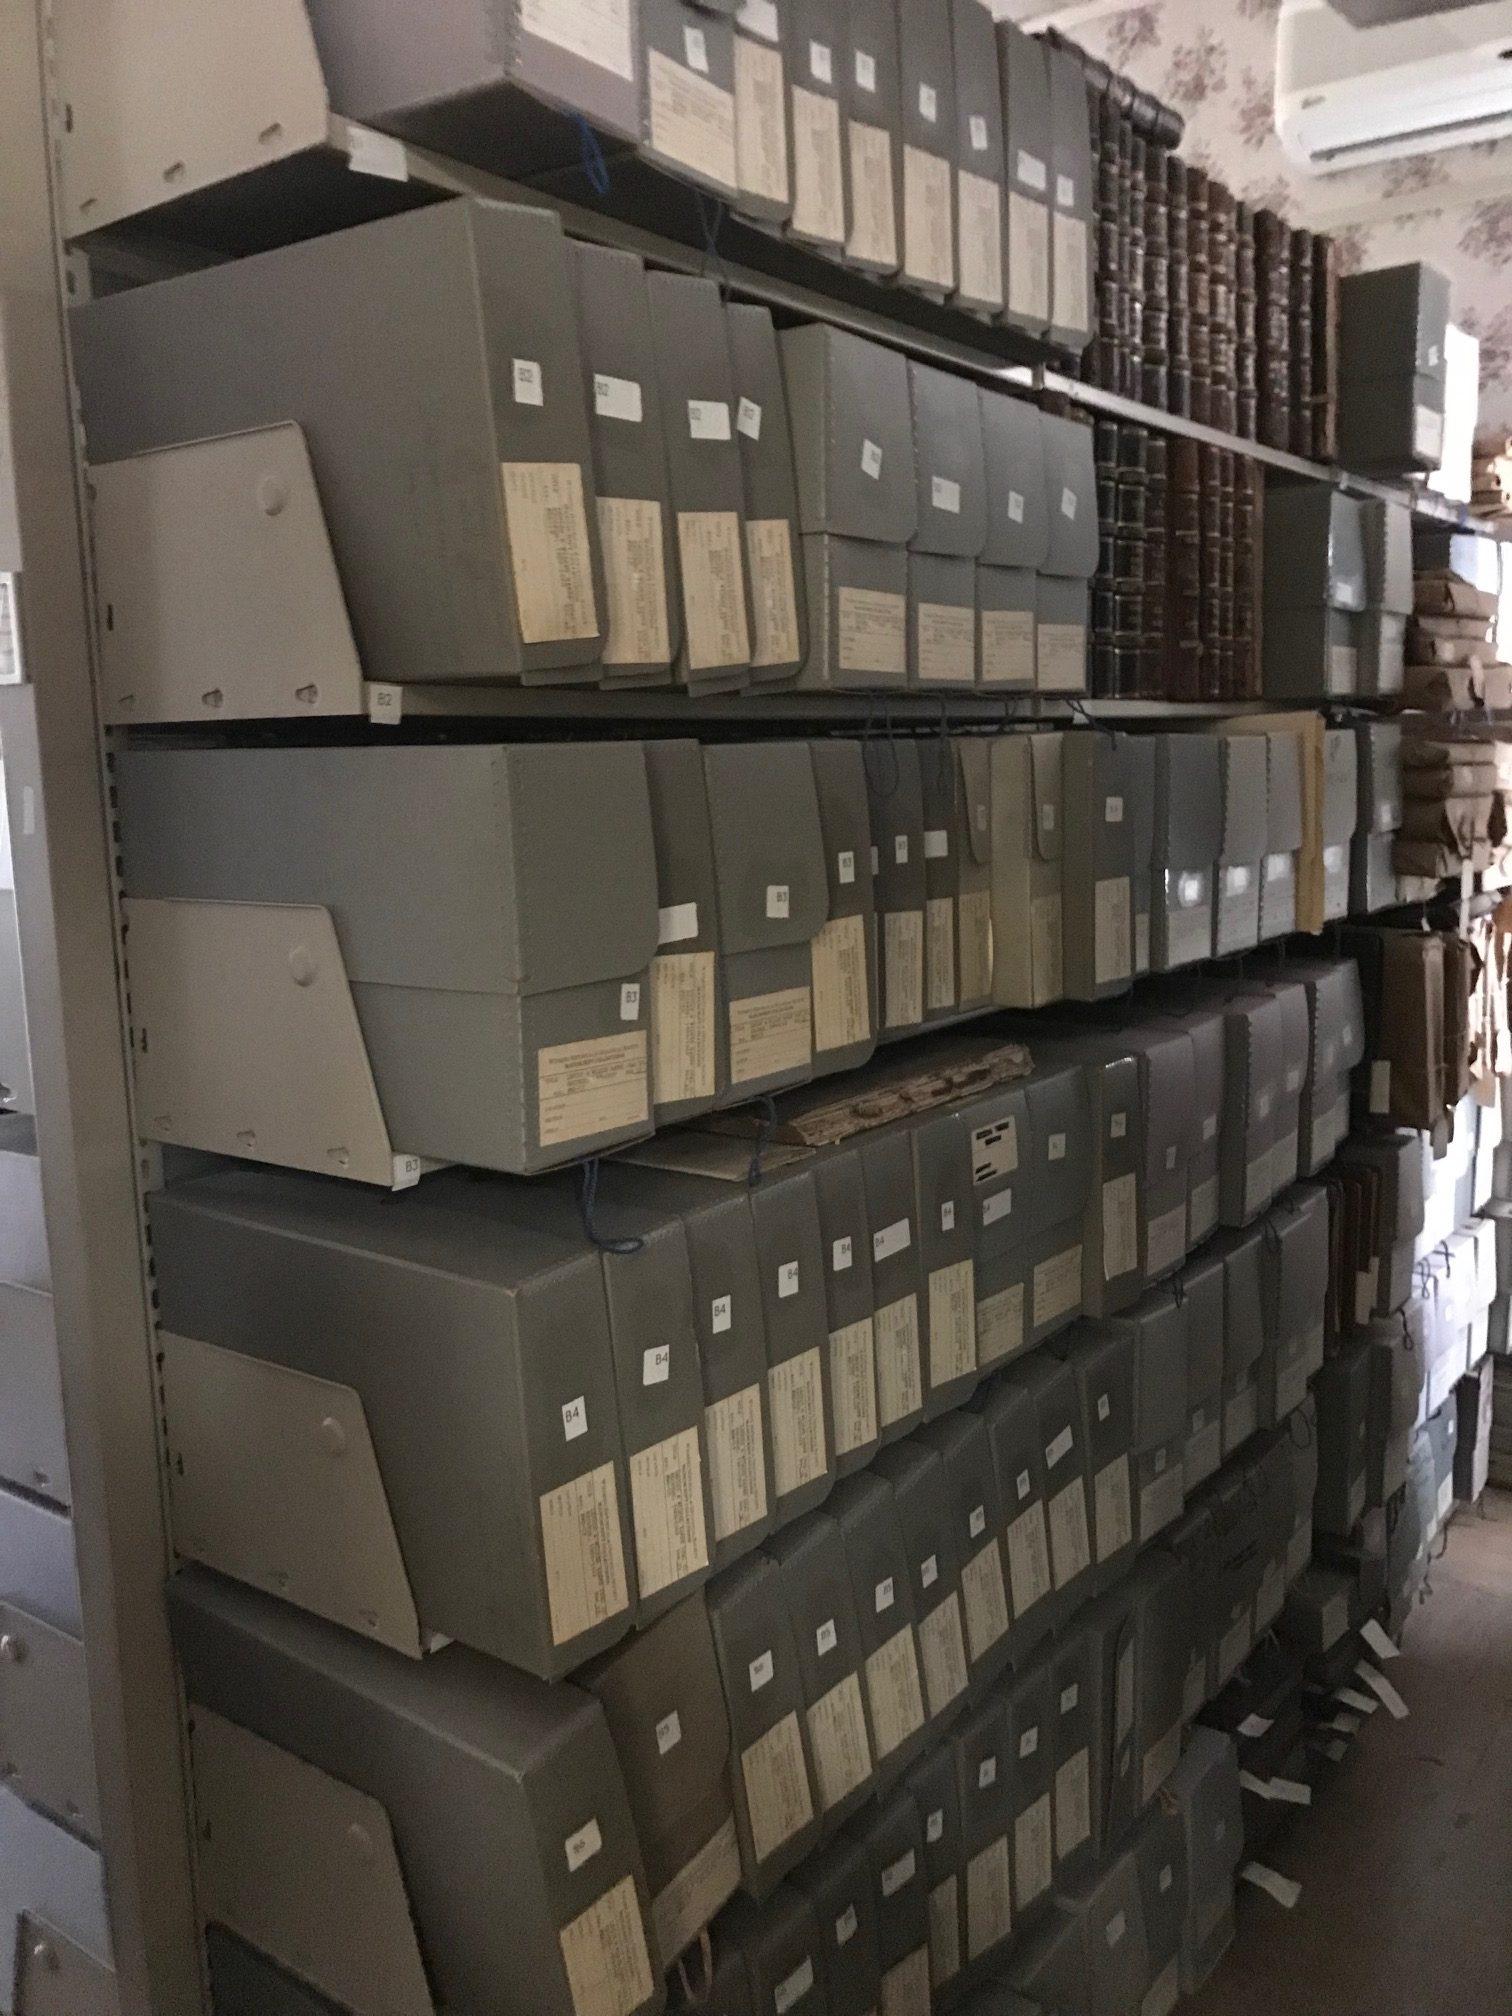 Library Manuscript Stacks